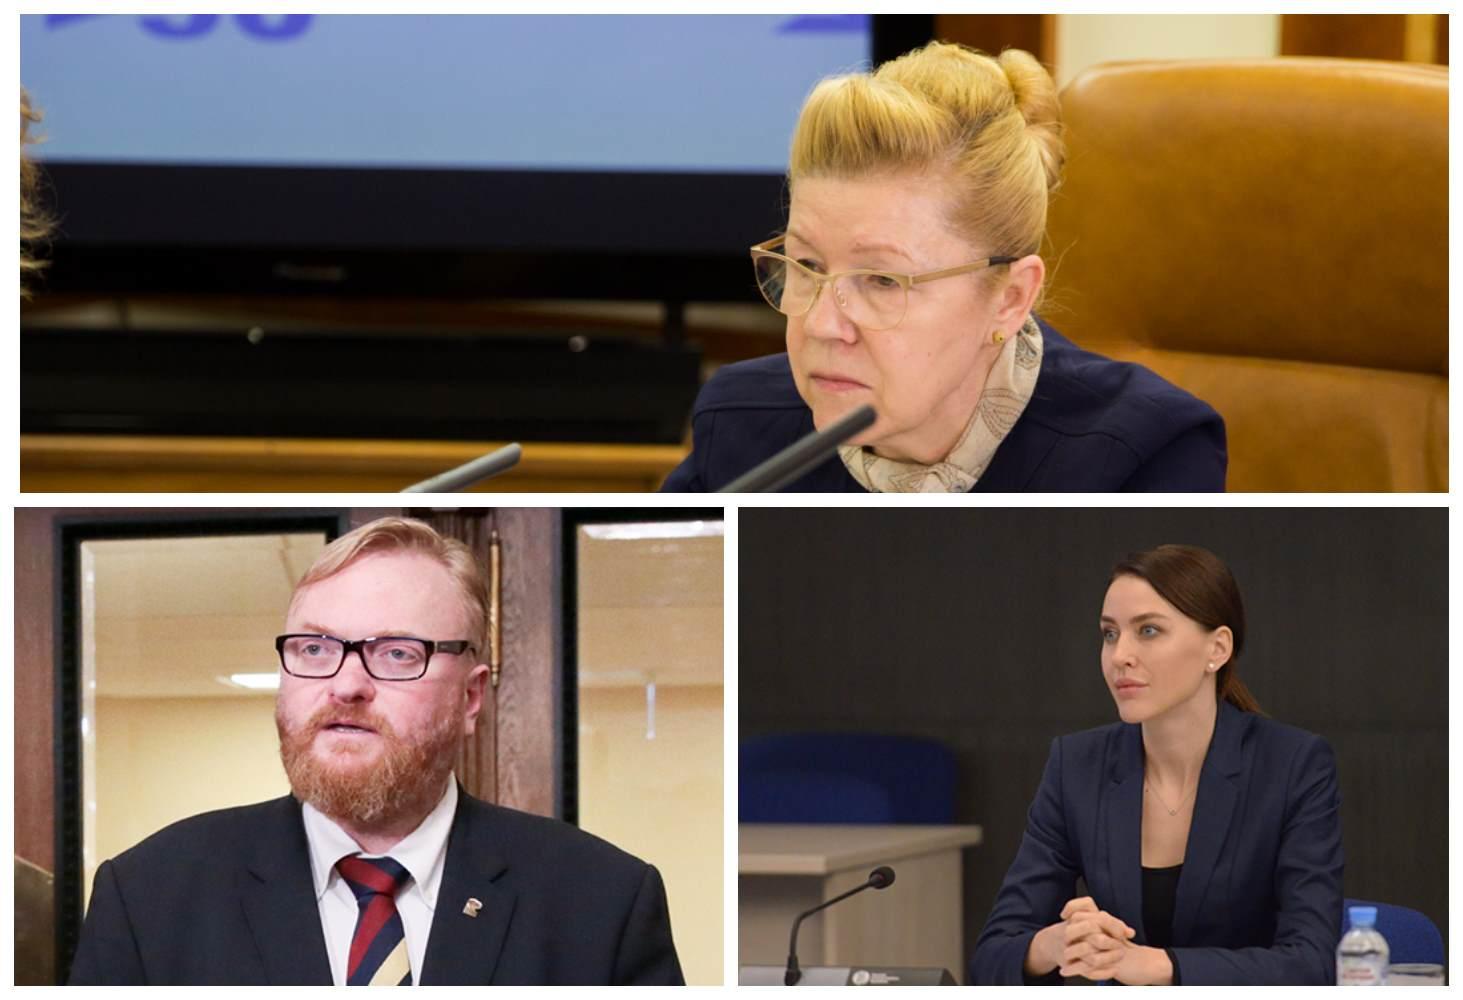 kak-spravitsya-s-agressiej-shkolnikov-retsepty-deputatov